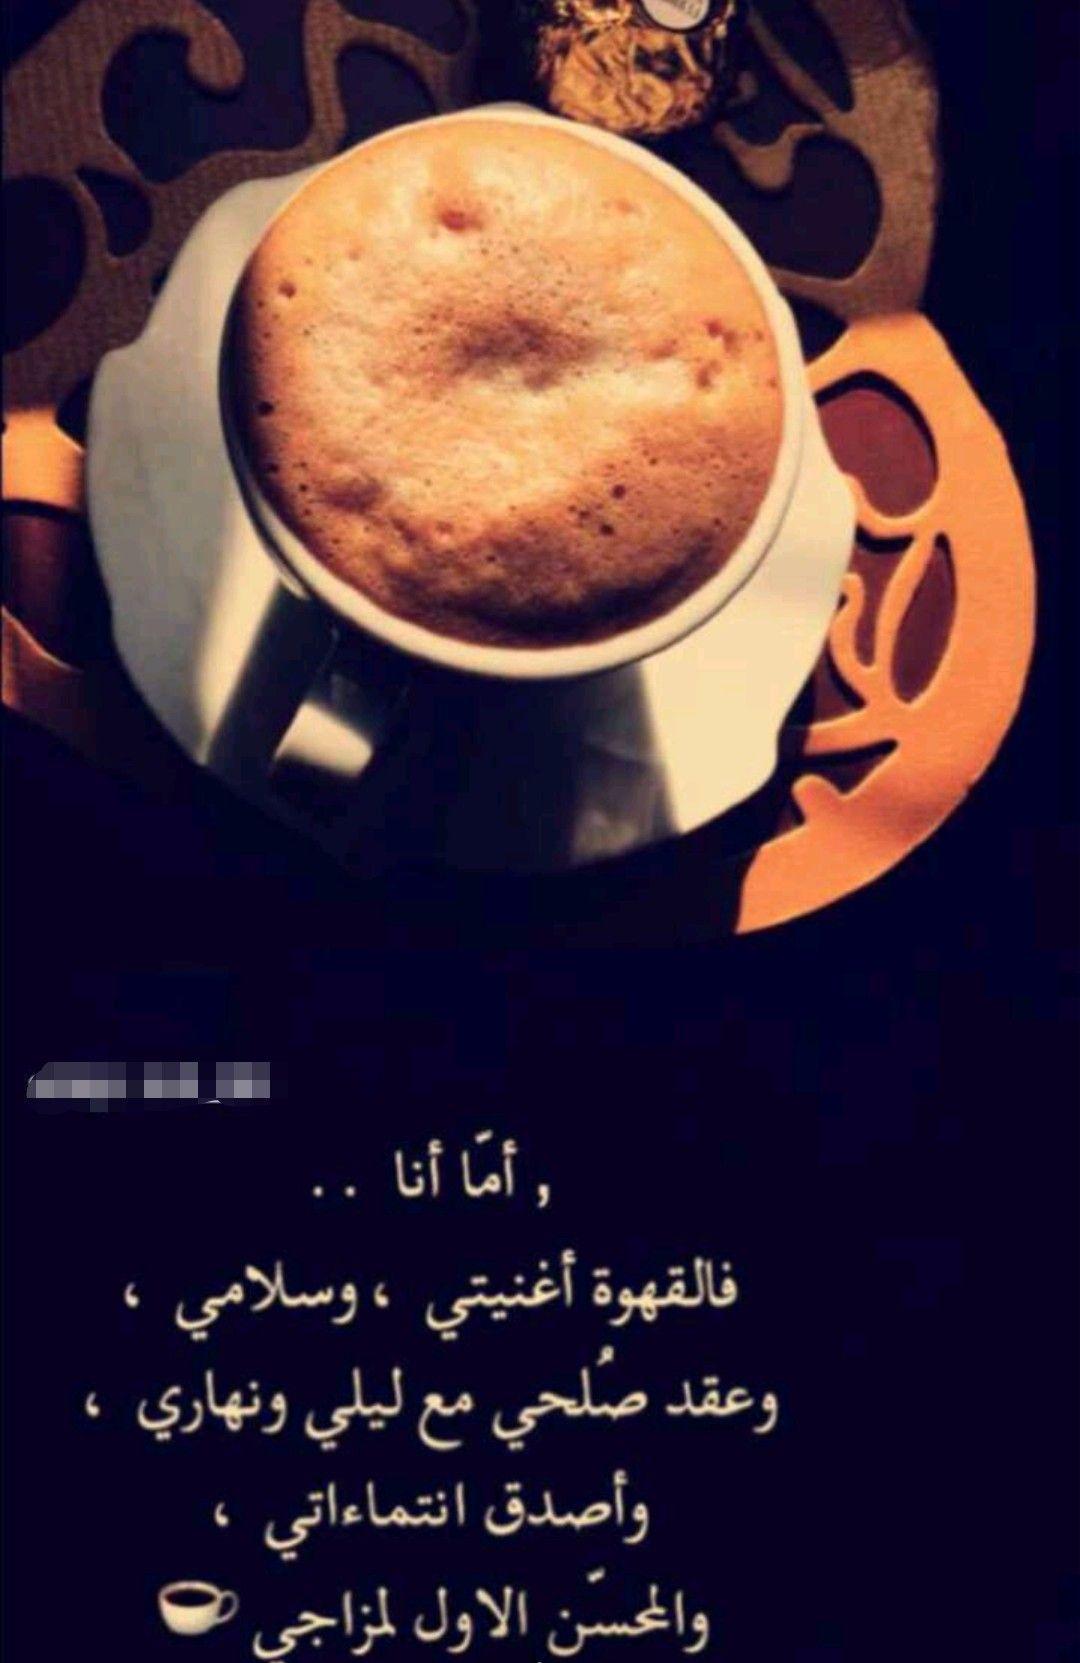 القهوه خير صديق وجليس Coffee love, My coffee